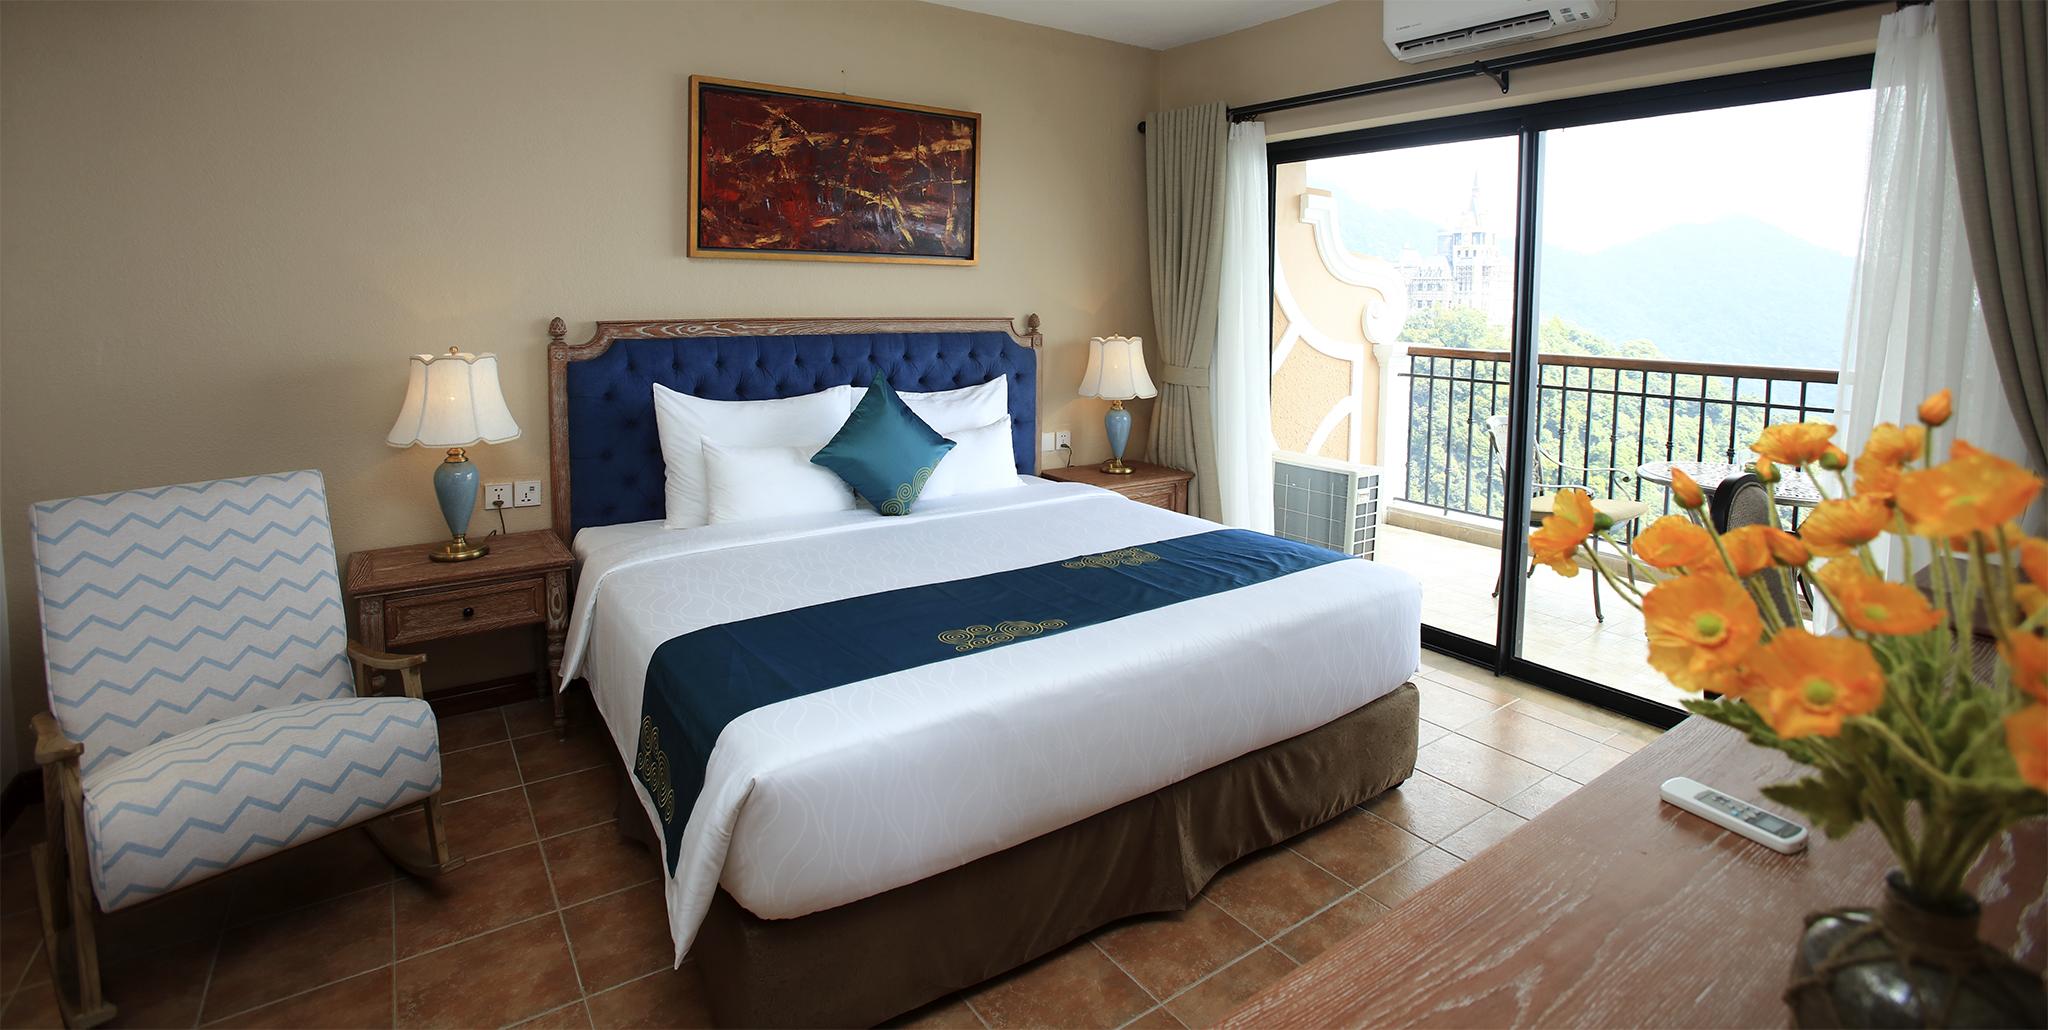 ƯU ĐÃI 20% TỪ VENUS HOTEL NHÂN DỊP KHAI TRƯƠNG